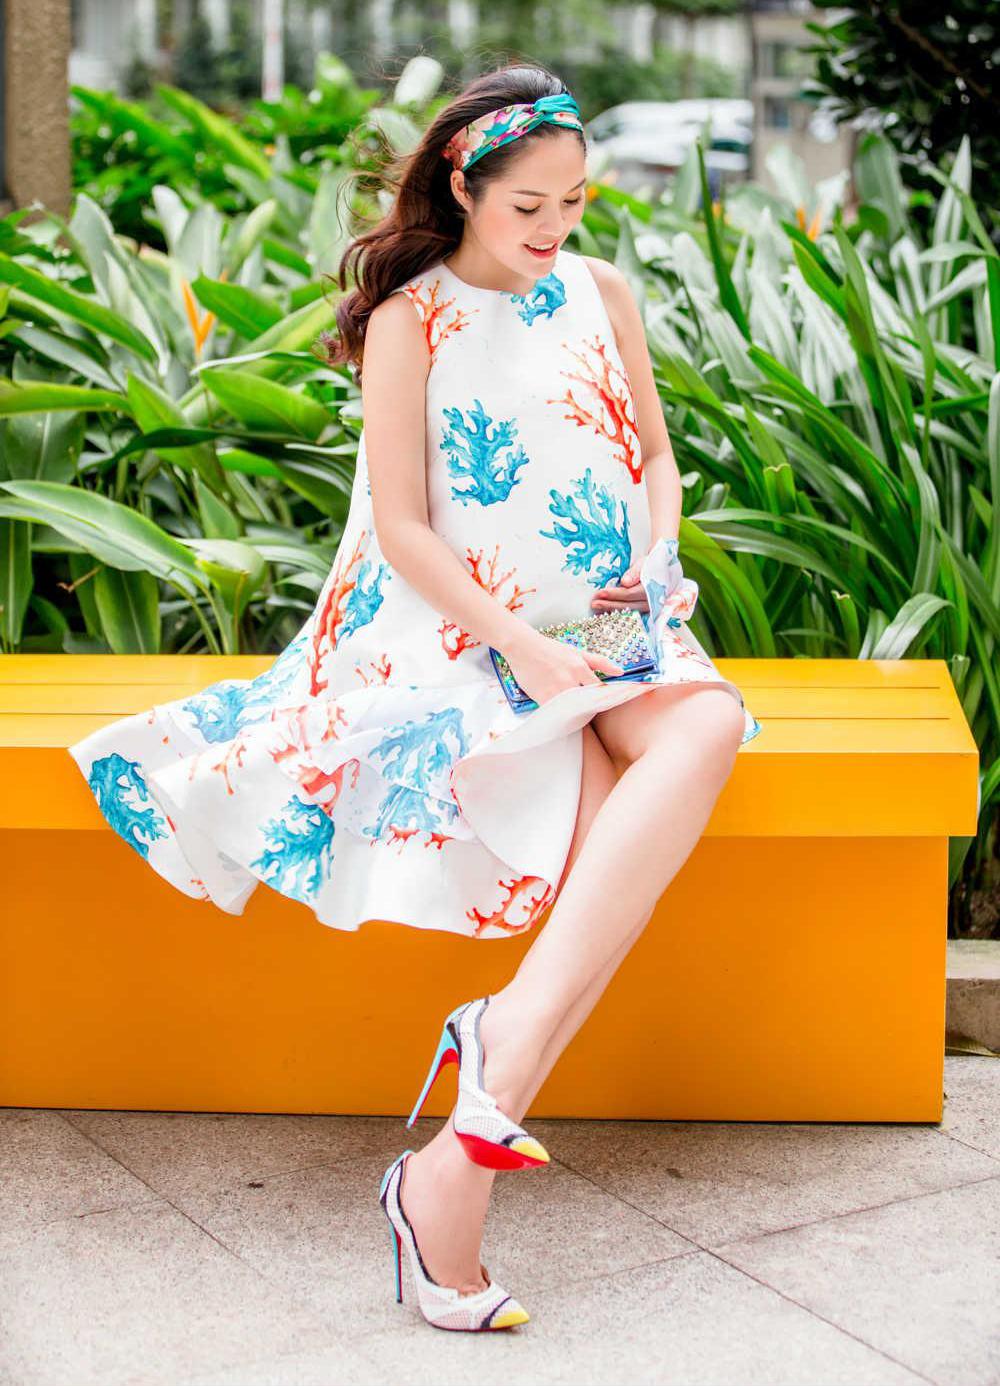 Thai nghén không thể làm Dương Cẩm Lynh bớt đẹp. Cô xúng xính váy áo, đi giày chót vót 15 cm xuống phố.